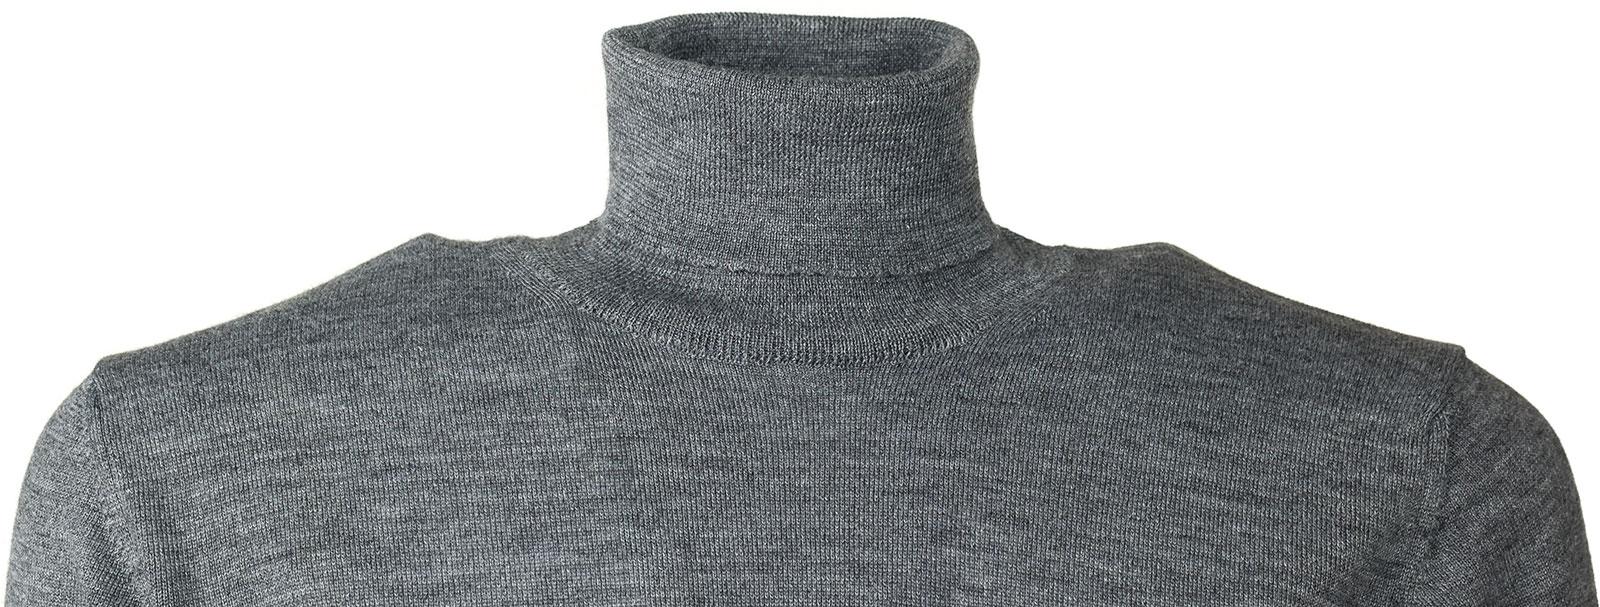 Aqualaguna - Maglione a collo alto